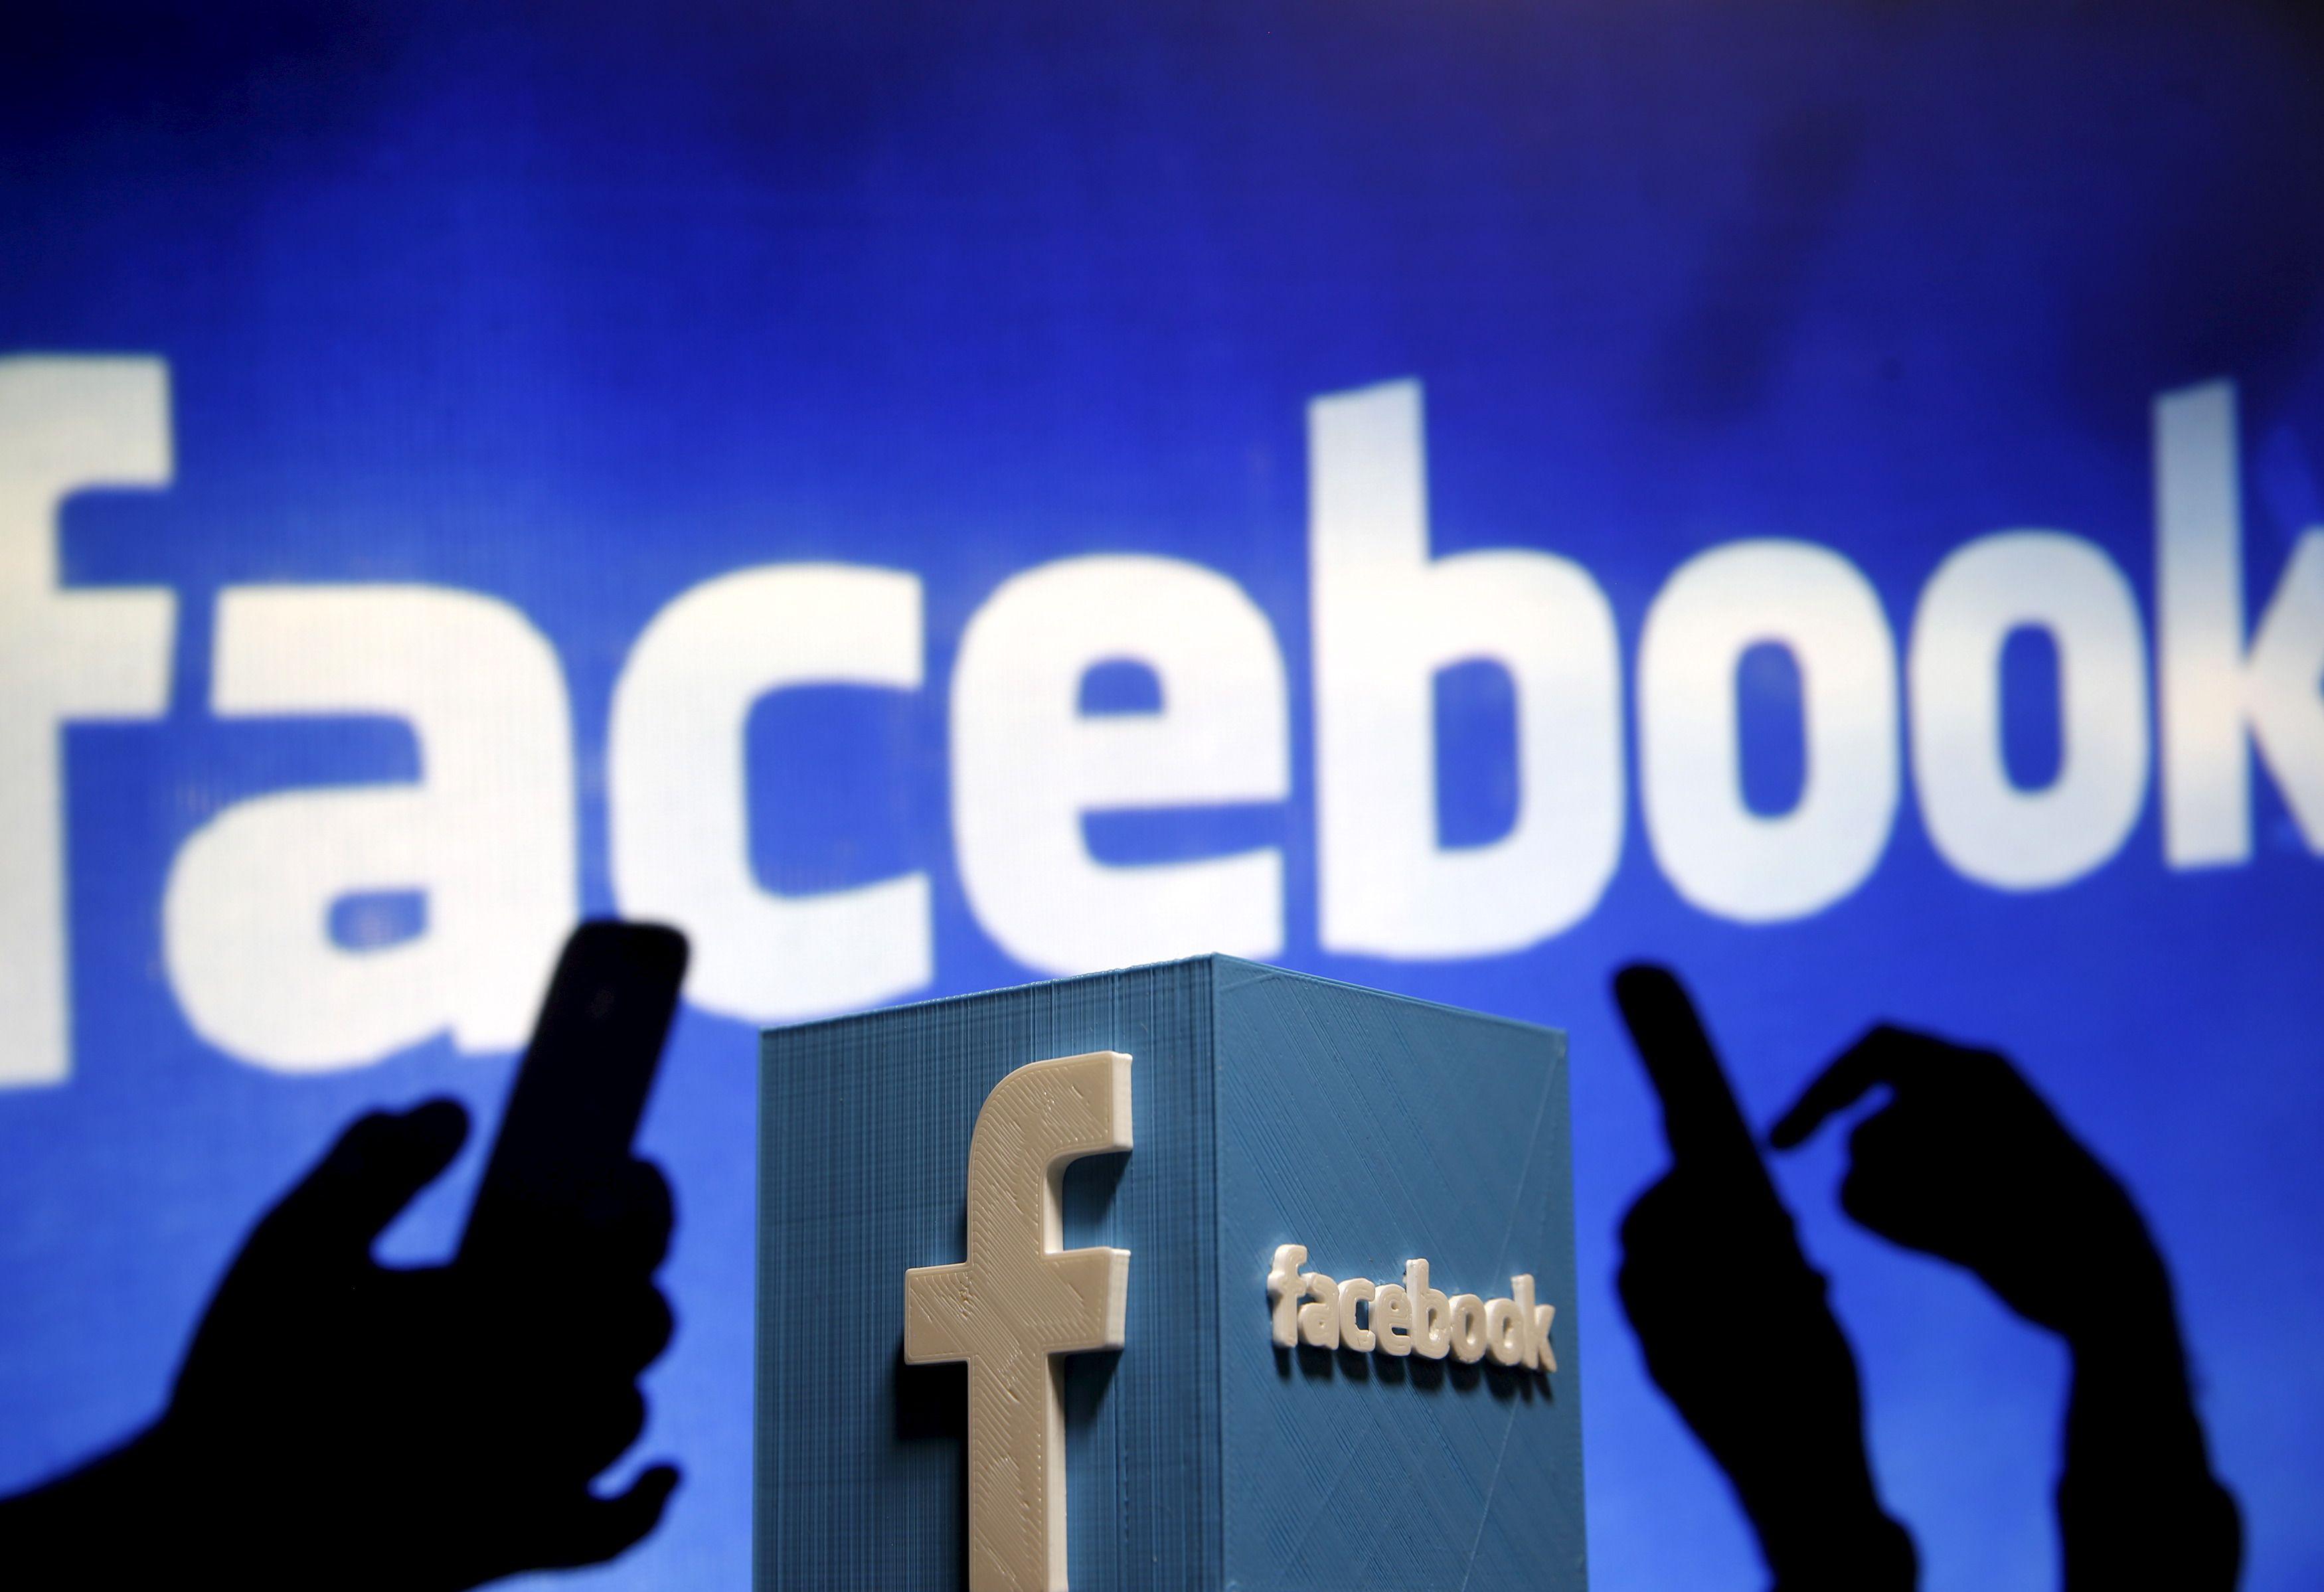 Pourquoi  Facebook en sait beaucoup plus sur vous que ce qu'il consent à vous révéler dans ses conditions générales d'utilisation